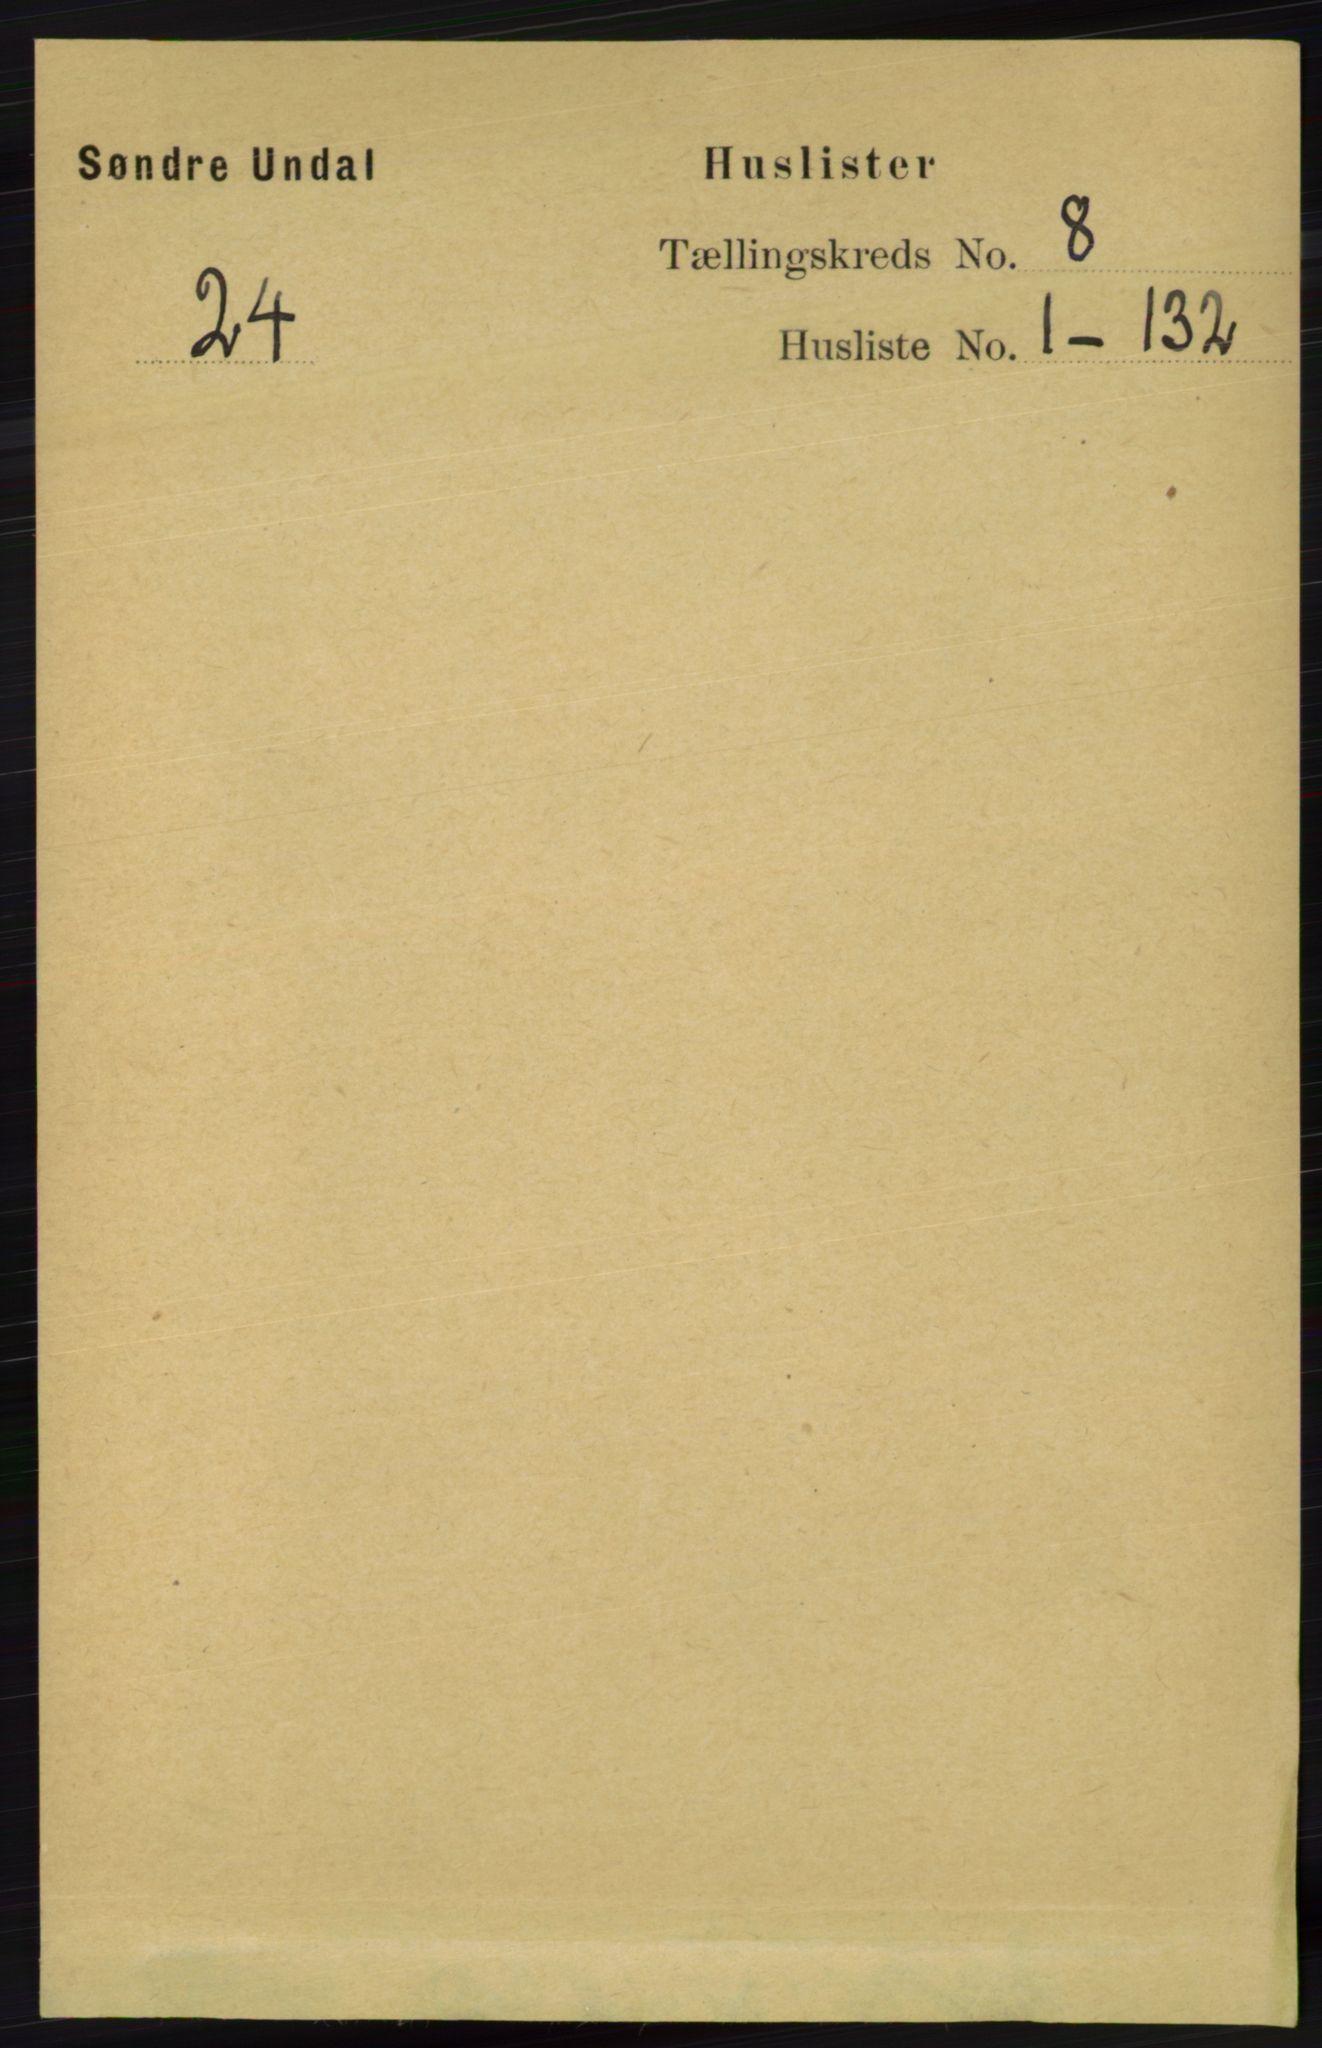 RA, Folketelling 1891 for 1029 Sør-Audnedal herred, 1891, s. 2968